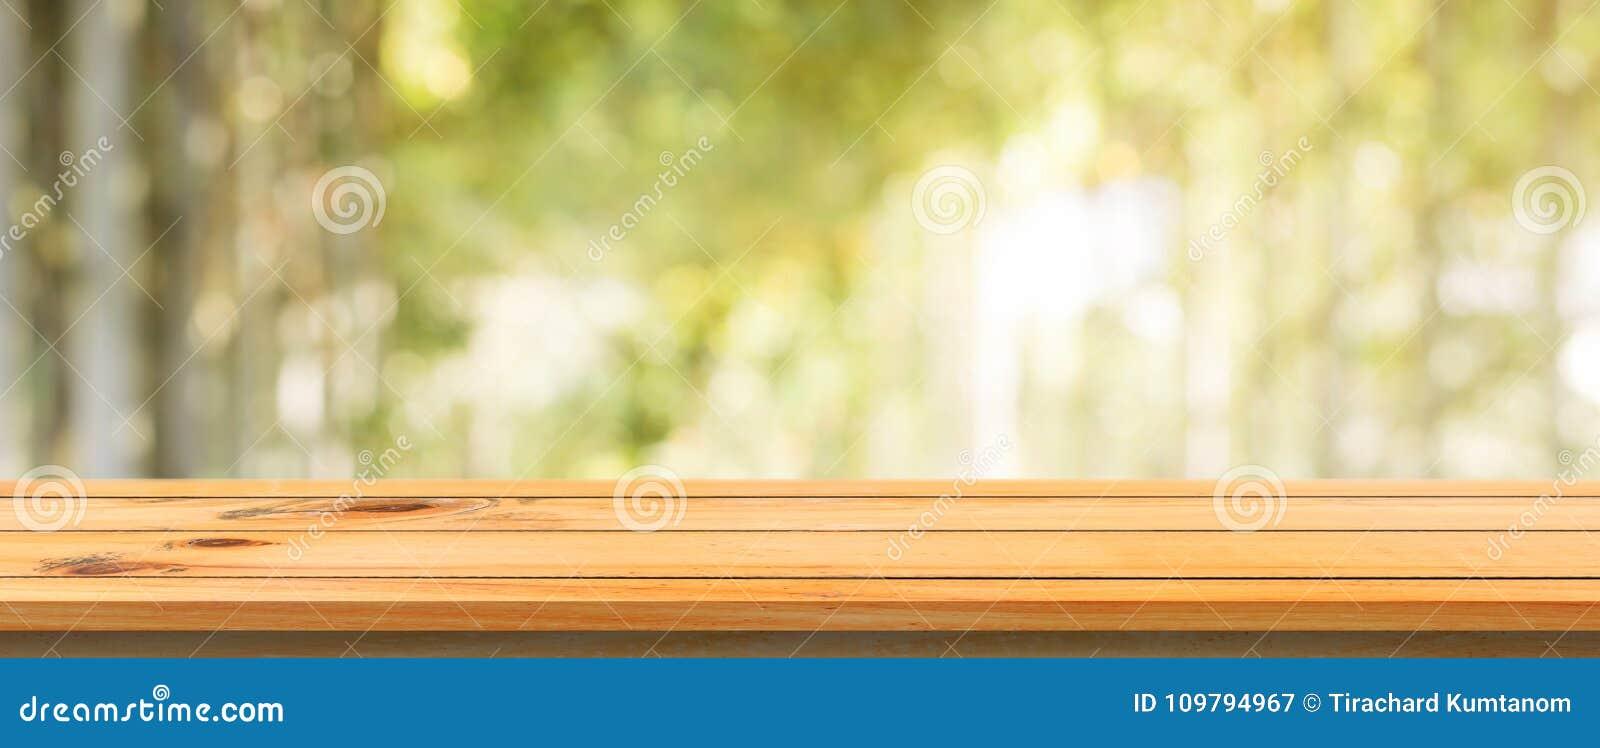 Fondo borroso tabla vacía del tablero de madera Tabla de madera marrón de la perspectiva sobre fondo del bosque de los árboles de